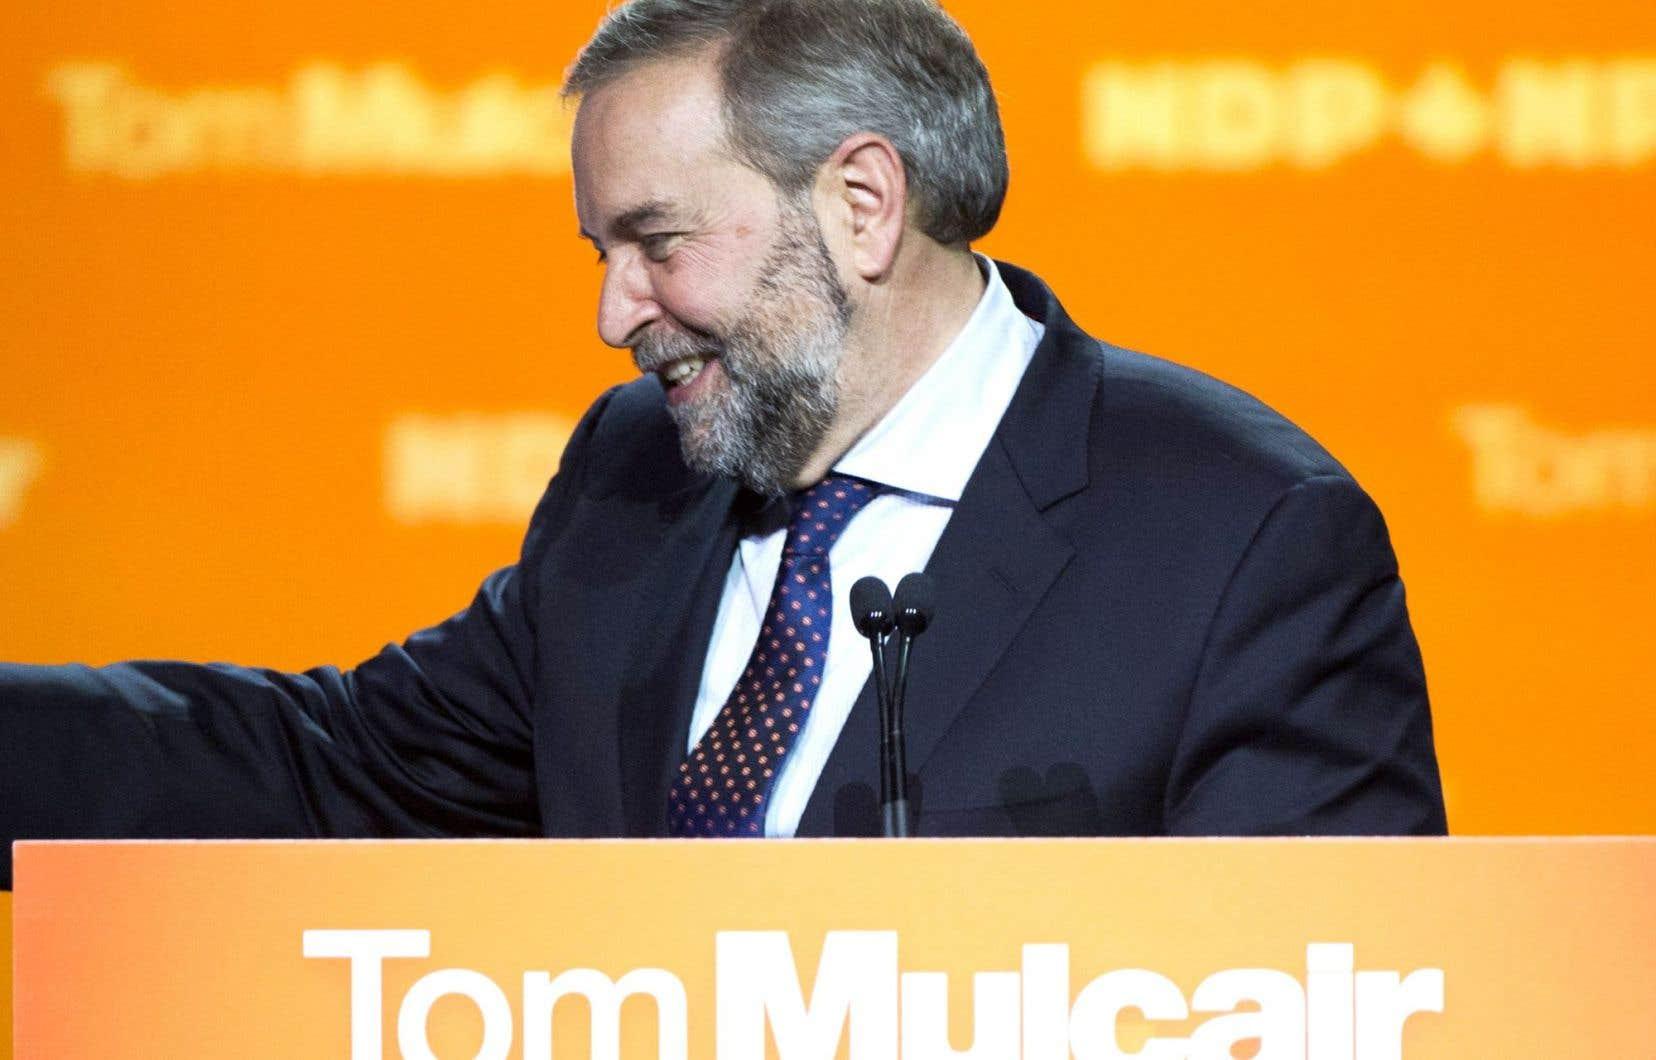 La vague qui a emporté plus de la moitié de la députation néodémocrate était incontrôlable, jugent des militants, qui ont toujours confiance en Thomas Mulcair. Son leadership n'est pour l'instant pas remis en question.